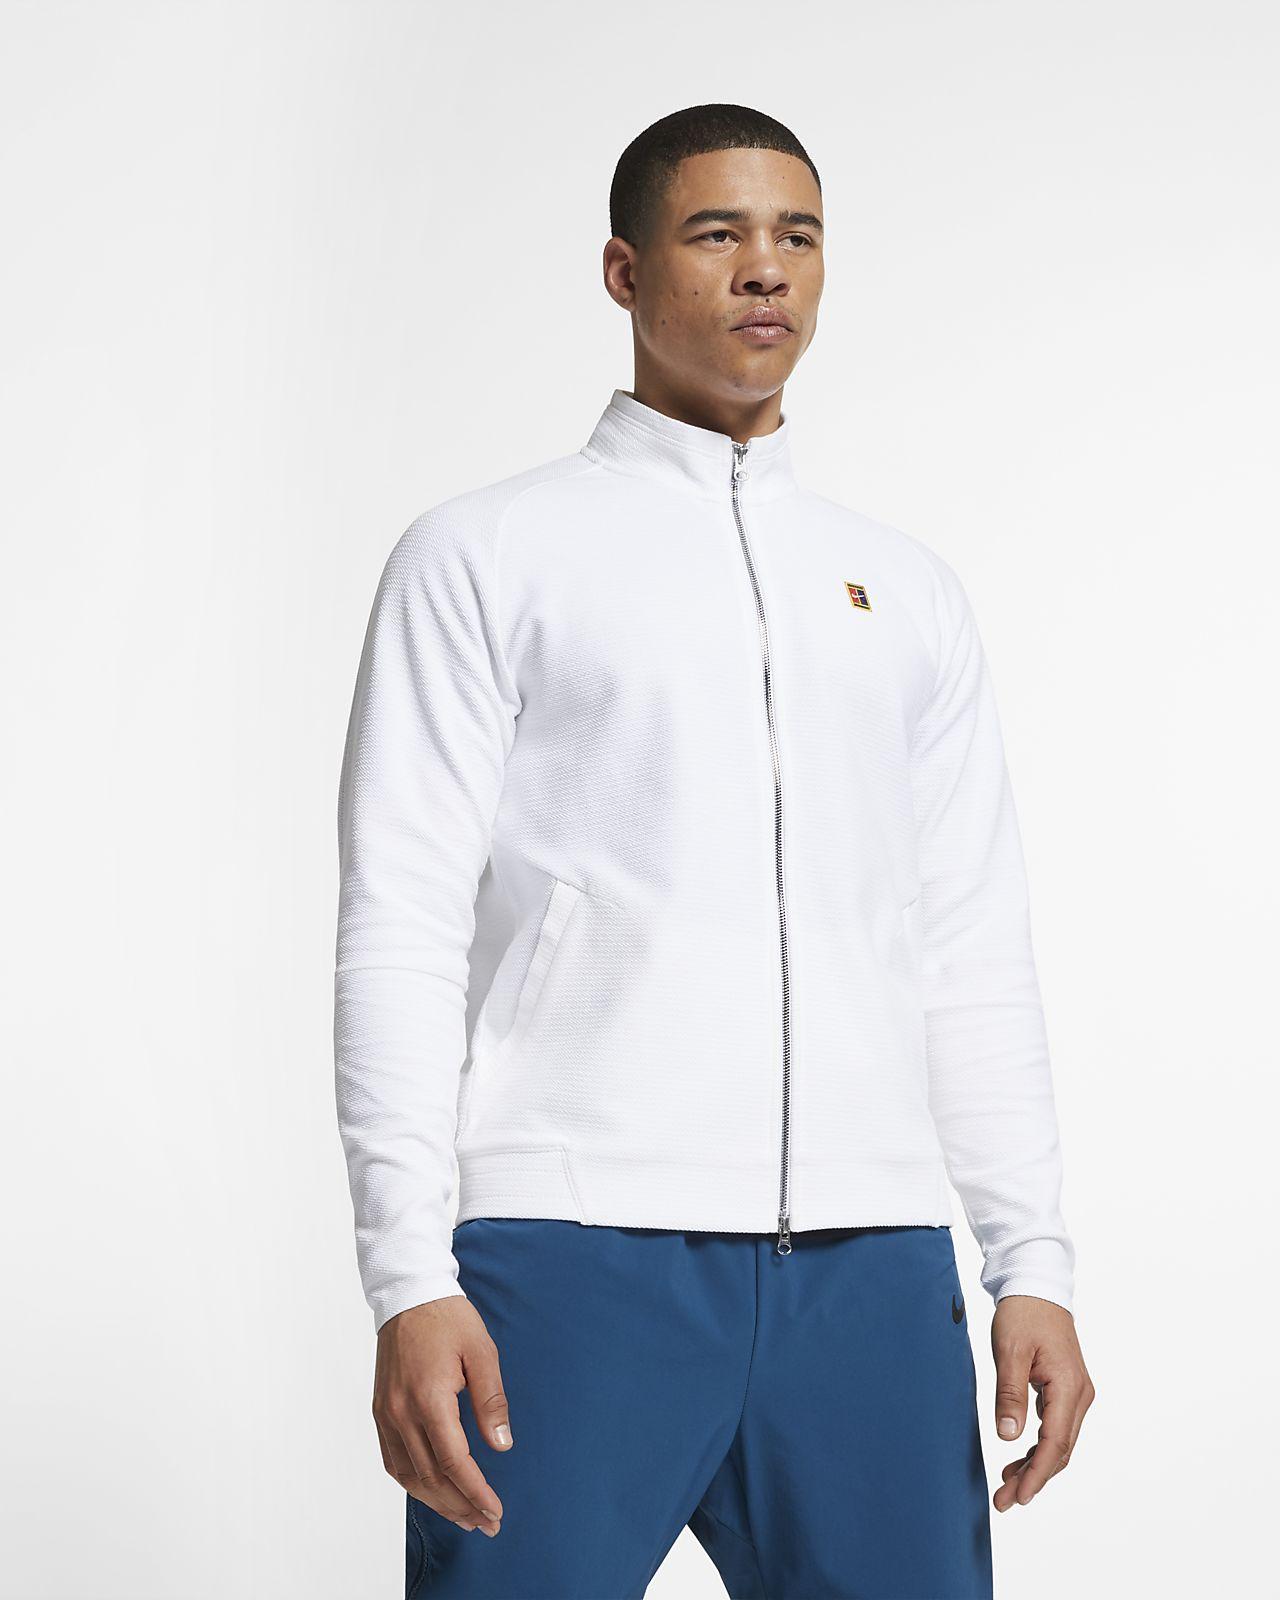 56daw5q Veste Pour De Nikecourt Homme Ch Tennis f6ybg7